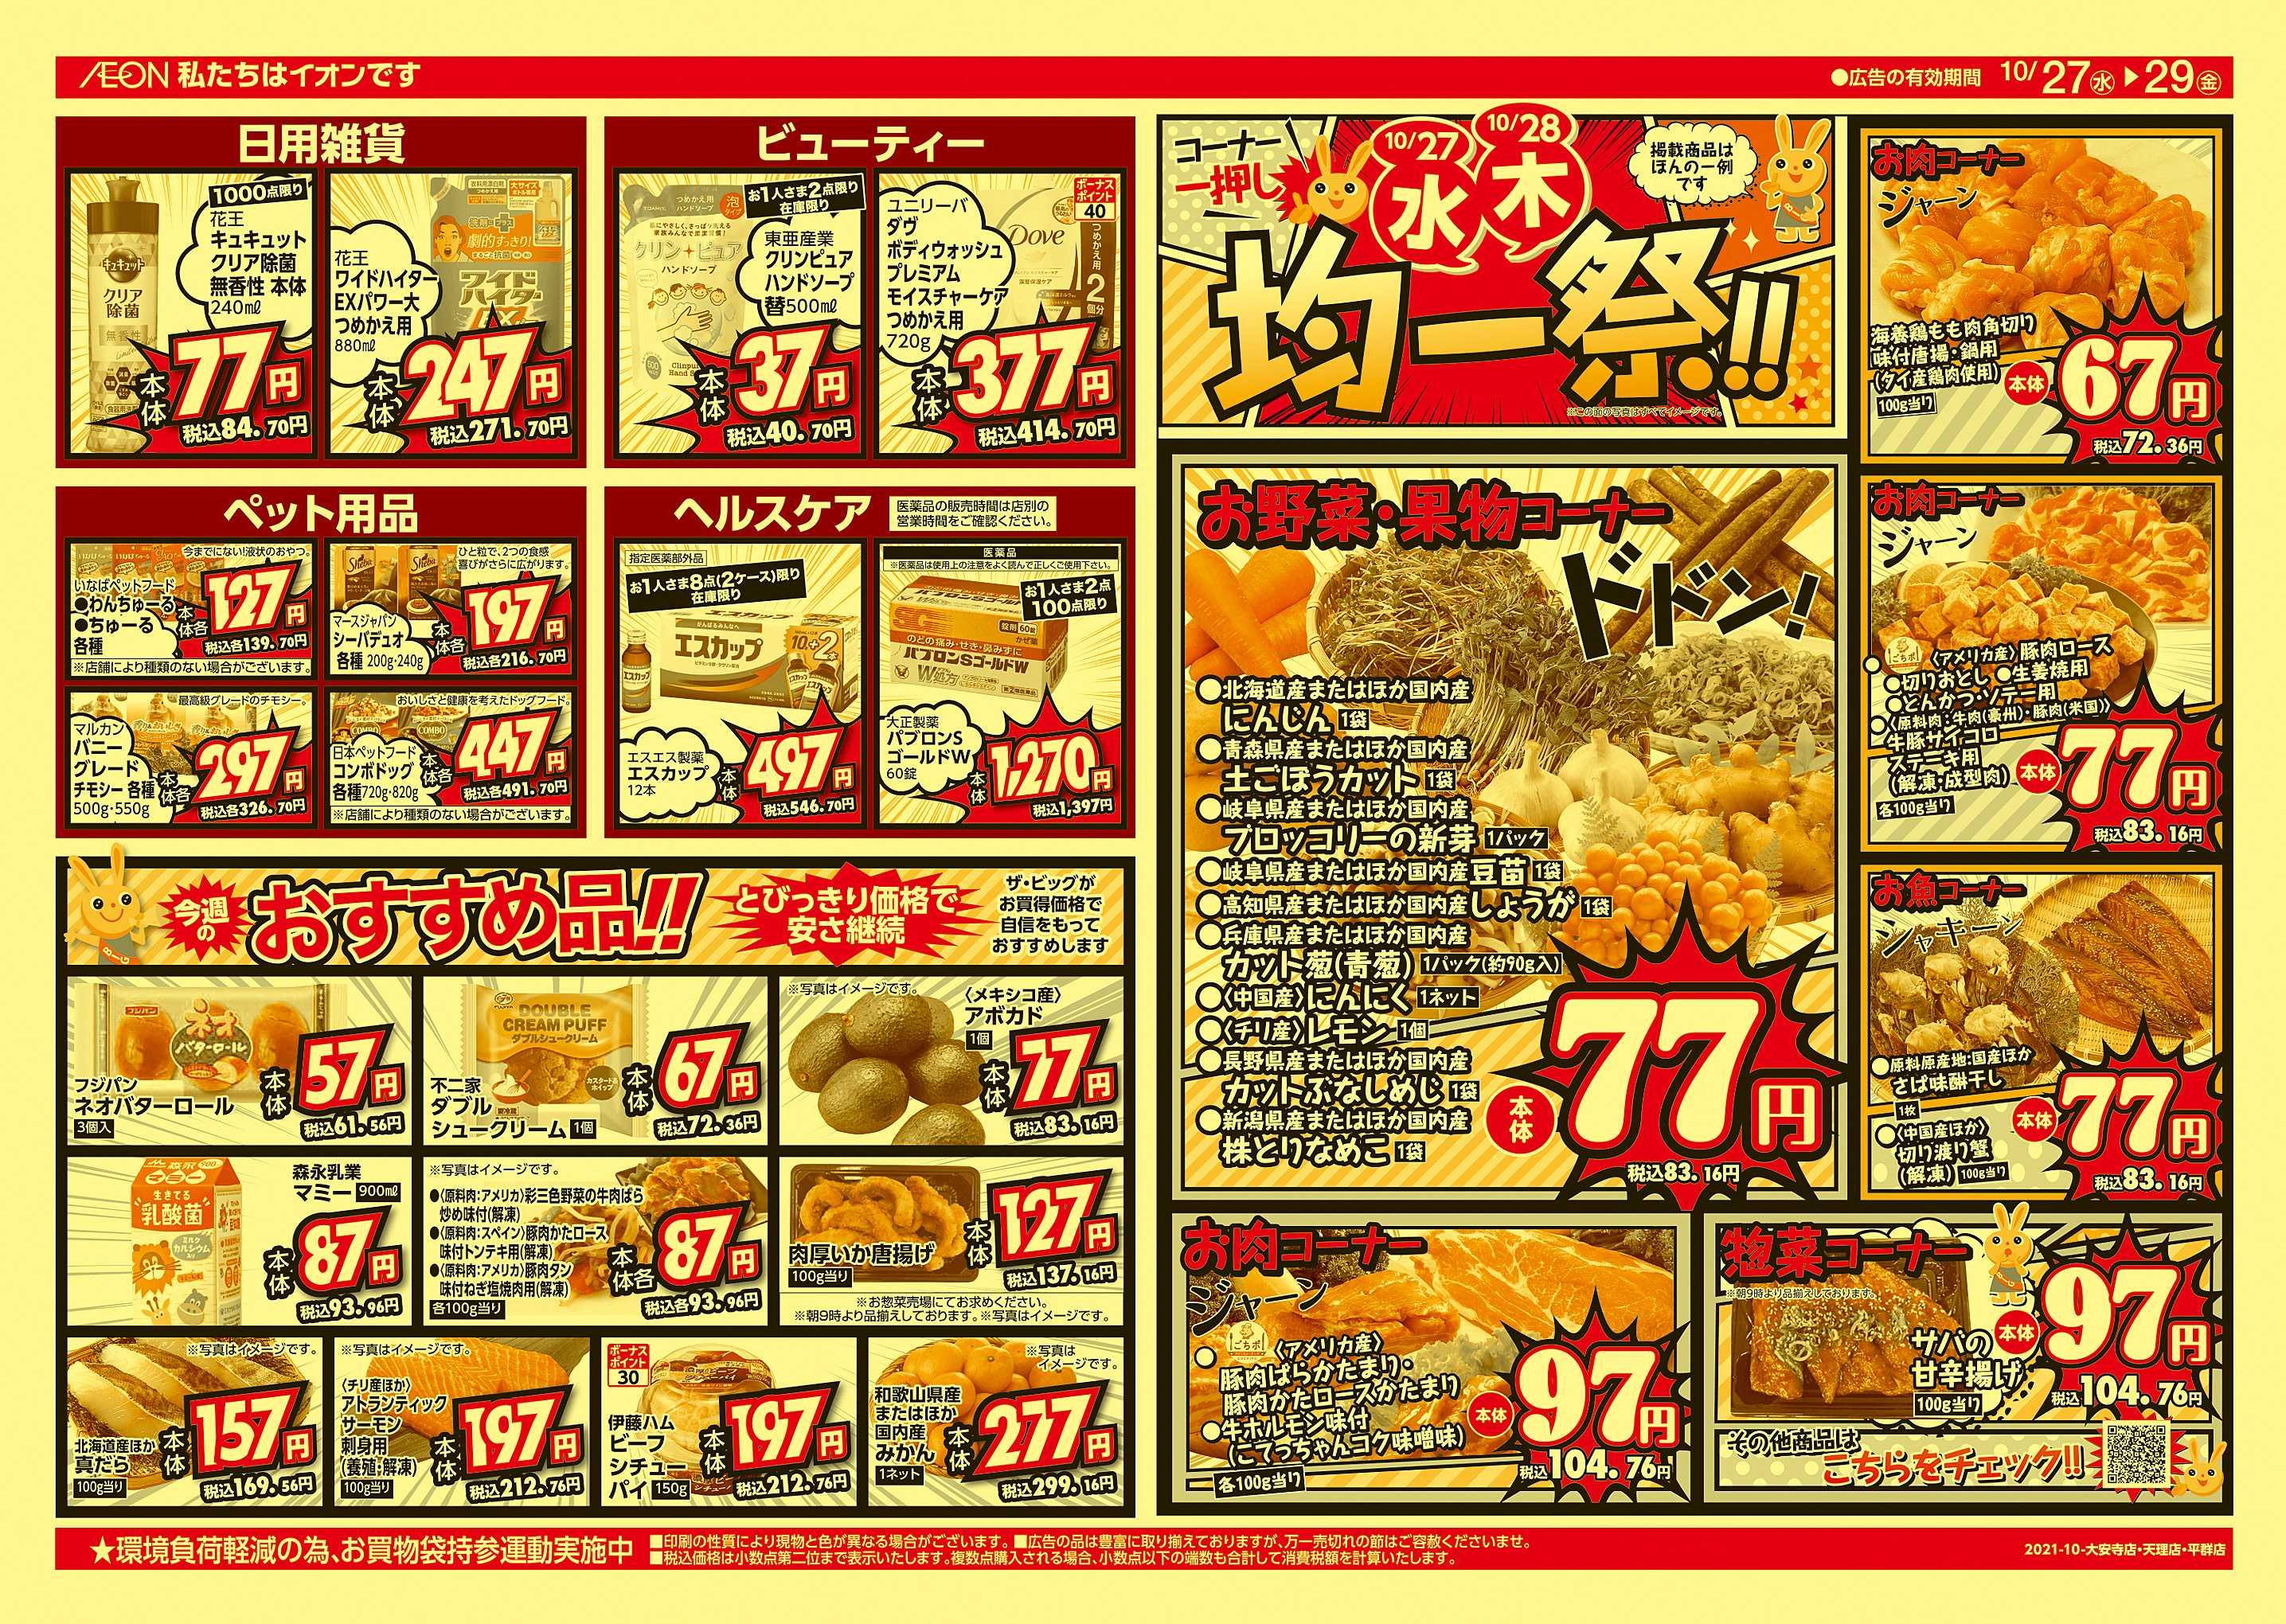 ザ・ビッグエクストラ 10/27~29 香芝店オープン協賛チラシ